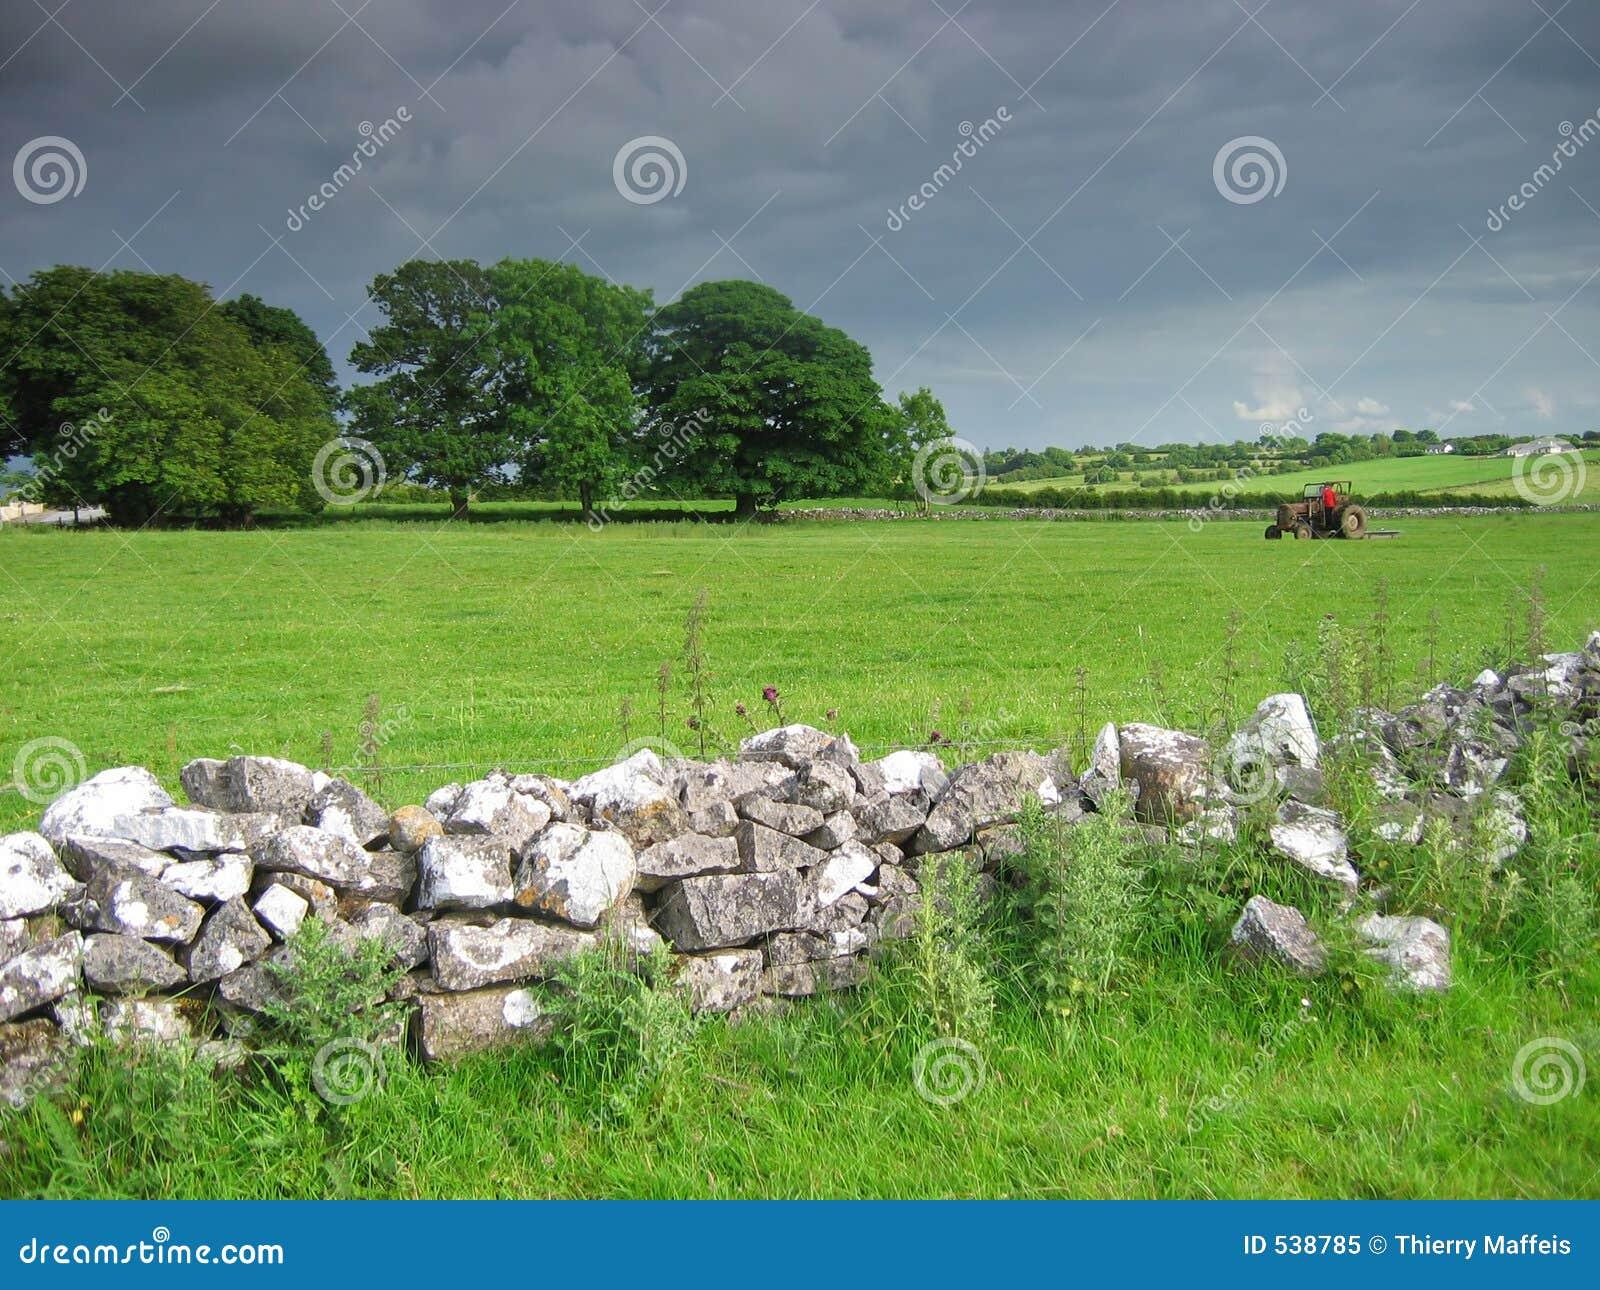 Download 乡下爱尔兰语 库存图片. 图片 包括有 收获, 牛奶, 农田, 庄稼, 增长, 环境, 牧场地, 阿拉伯人, 爱尔兰语 - 538785